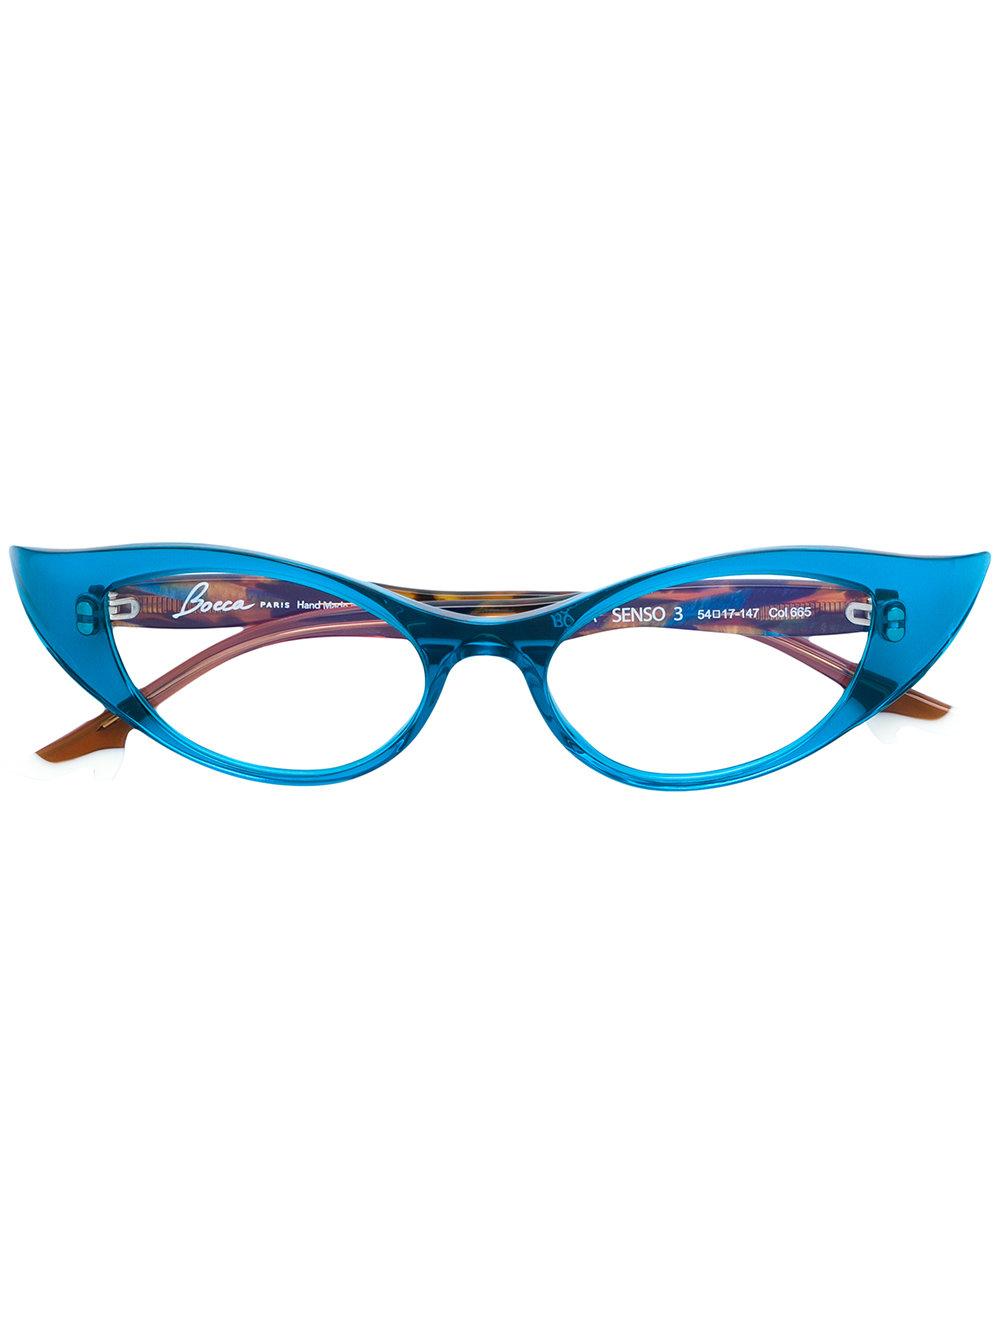 designer eyeglasses online eyeglasses brands list buy optical prescription frames 1 Jacques Marie Mage face a face